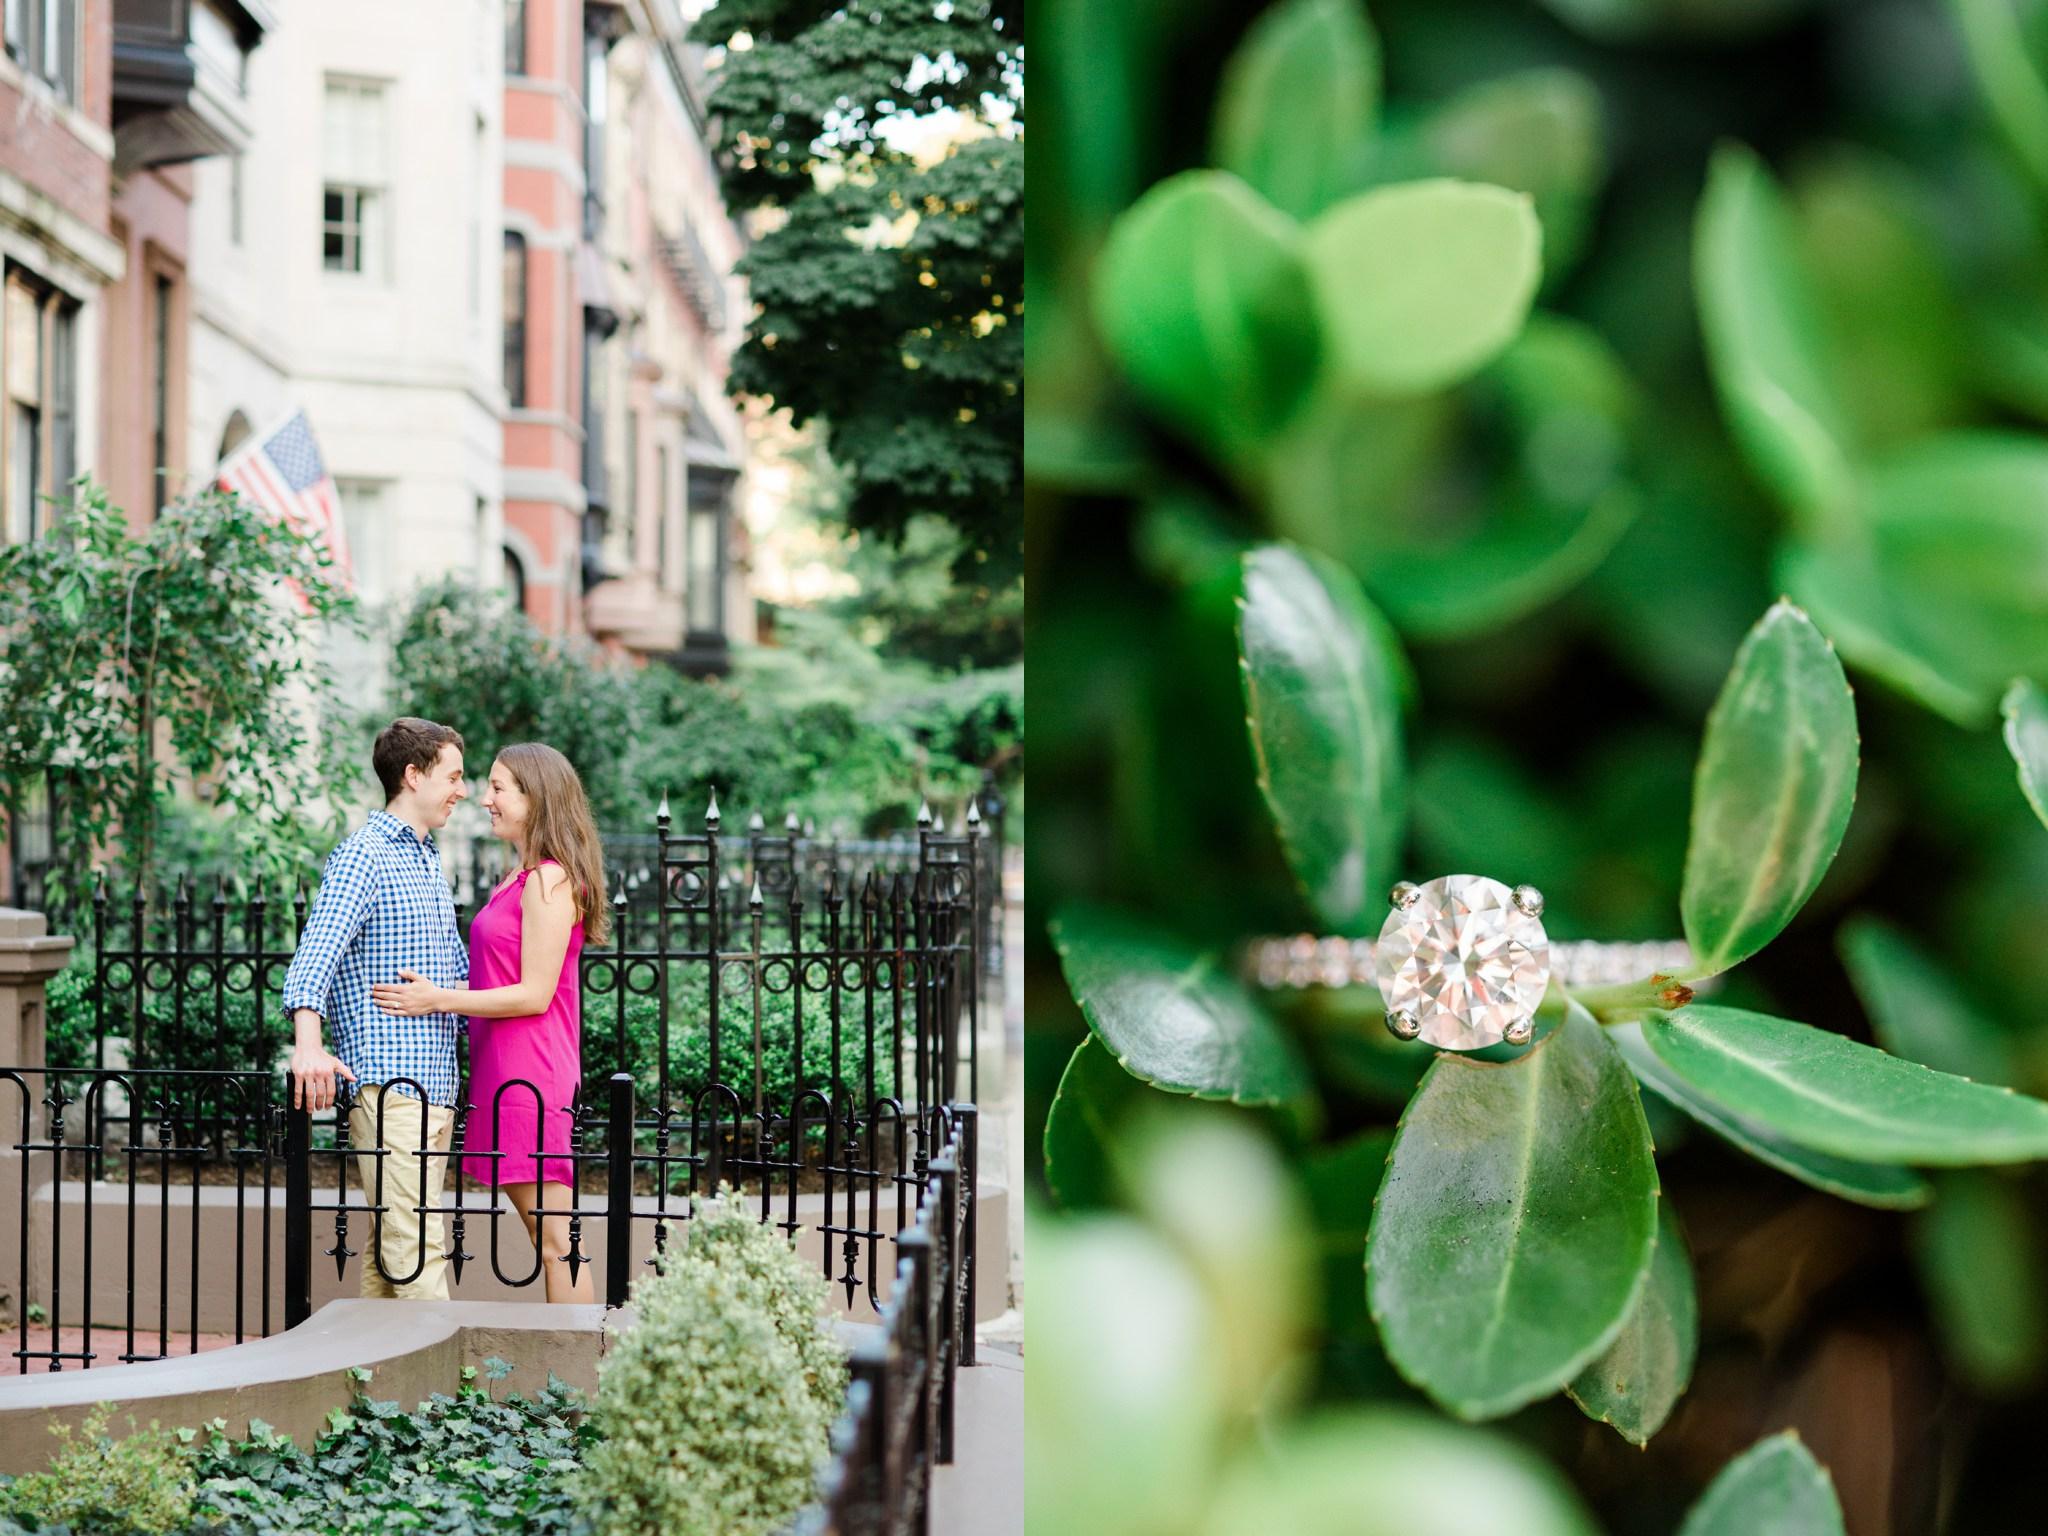 boston_garden_engagement_session_00014.JPG